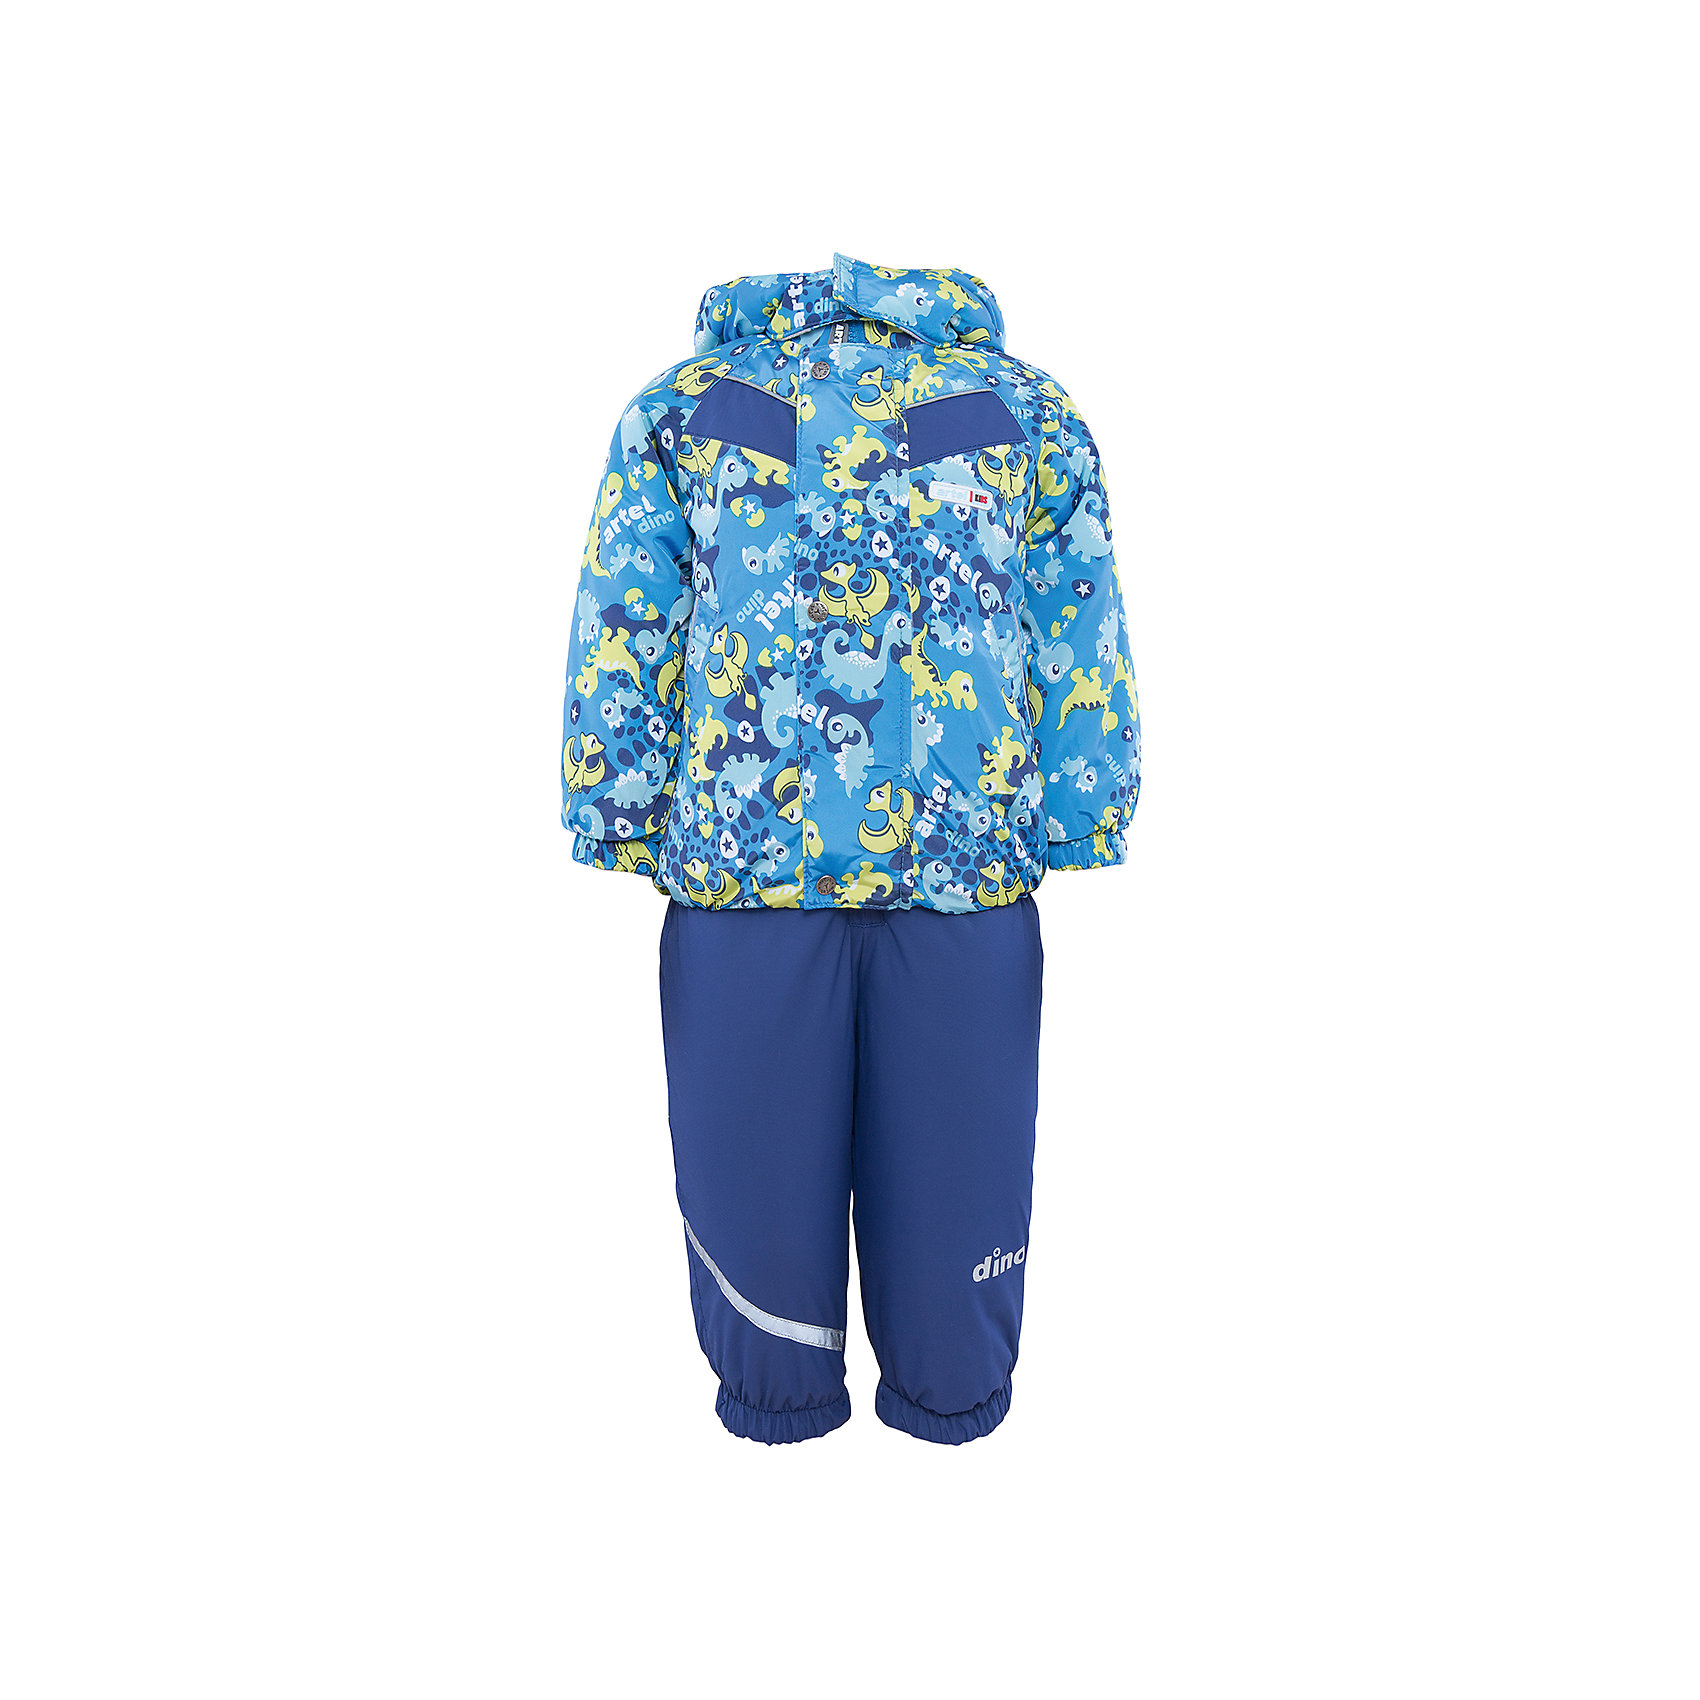 Комплект: куртка и полукомбинезон для мальчика АртельВерхняя одежда<br>Комплект: куртка и полукомбинезон для мальчика от известного бренда Артель<br>Комплект на современном утеплителеиз мембранной ткани, позволит малышу долго гулять даже в самую слякотную погоду, кататься с мокрых горок и не промокнуть. Куртка выполнена из ткани с оригинальным принтом динозавриков. Центральный замок на молнию прикрыт декоративной планкой-рюшей. Функцию дополнительной защиты от ветра выполняют: глубокий капюшон с резинкой по краю, кулиска с резинкой по низу куртки и резинка с флисовой внутренней вставкой на рукавах. У полукомбинезона регулируется длина бретелек. По низу штанишек расположены штрипки, которые фиксируются на сапожках, удерживают штанину от задирания и обеспечивают дополнительную защиту от скольжения. Сзади, по линии талии, для дополнительной фиксации, расположена резинка.<br>Состав:<br>Верх: КВ-703<br>Подкладка: интерлок, ПЭ<br>Утеплитель: термофин 200гр<br><br>Ширина мм: 215<br>Глубина мм: 88<br>Высота мм: 191<br>Вес г: 336<br>Цвет: синий<br>Возраст от месяцев: 12<br>Возраст до месяцев: 15<br>Пол: Мужской<br>Возраст: Детский<br>Размер: 80,110,86,104<br>SKU: 4963914